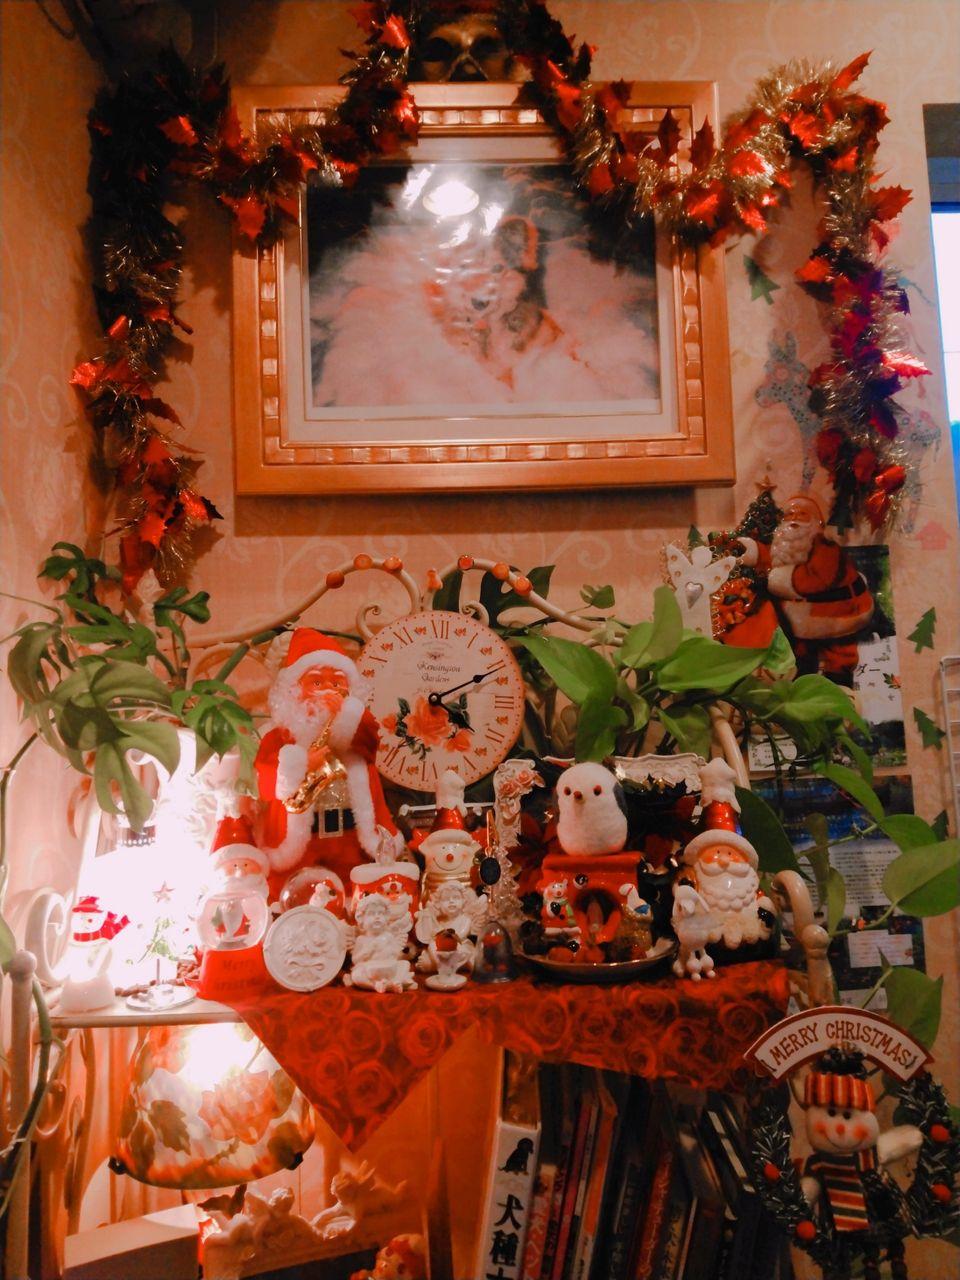 18-11-17-16-10-15-551_photo